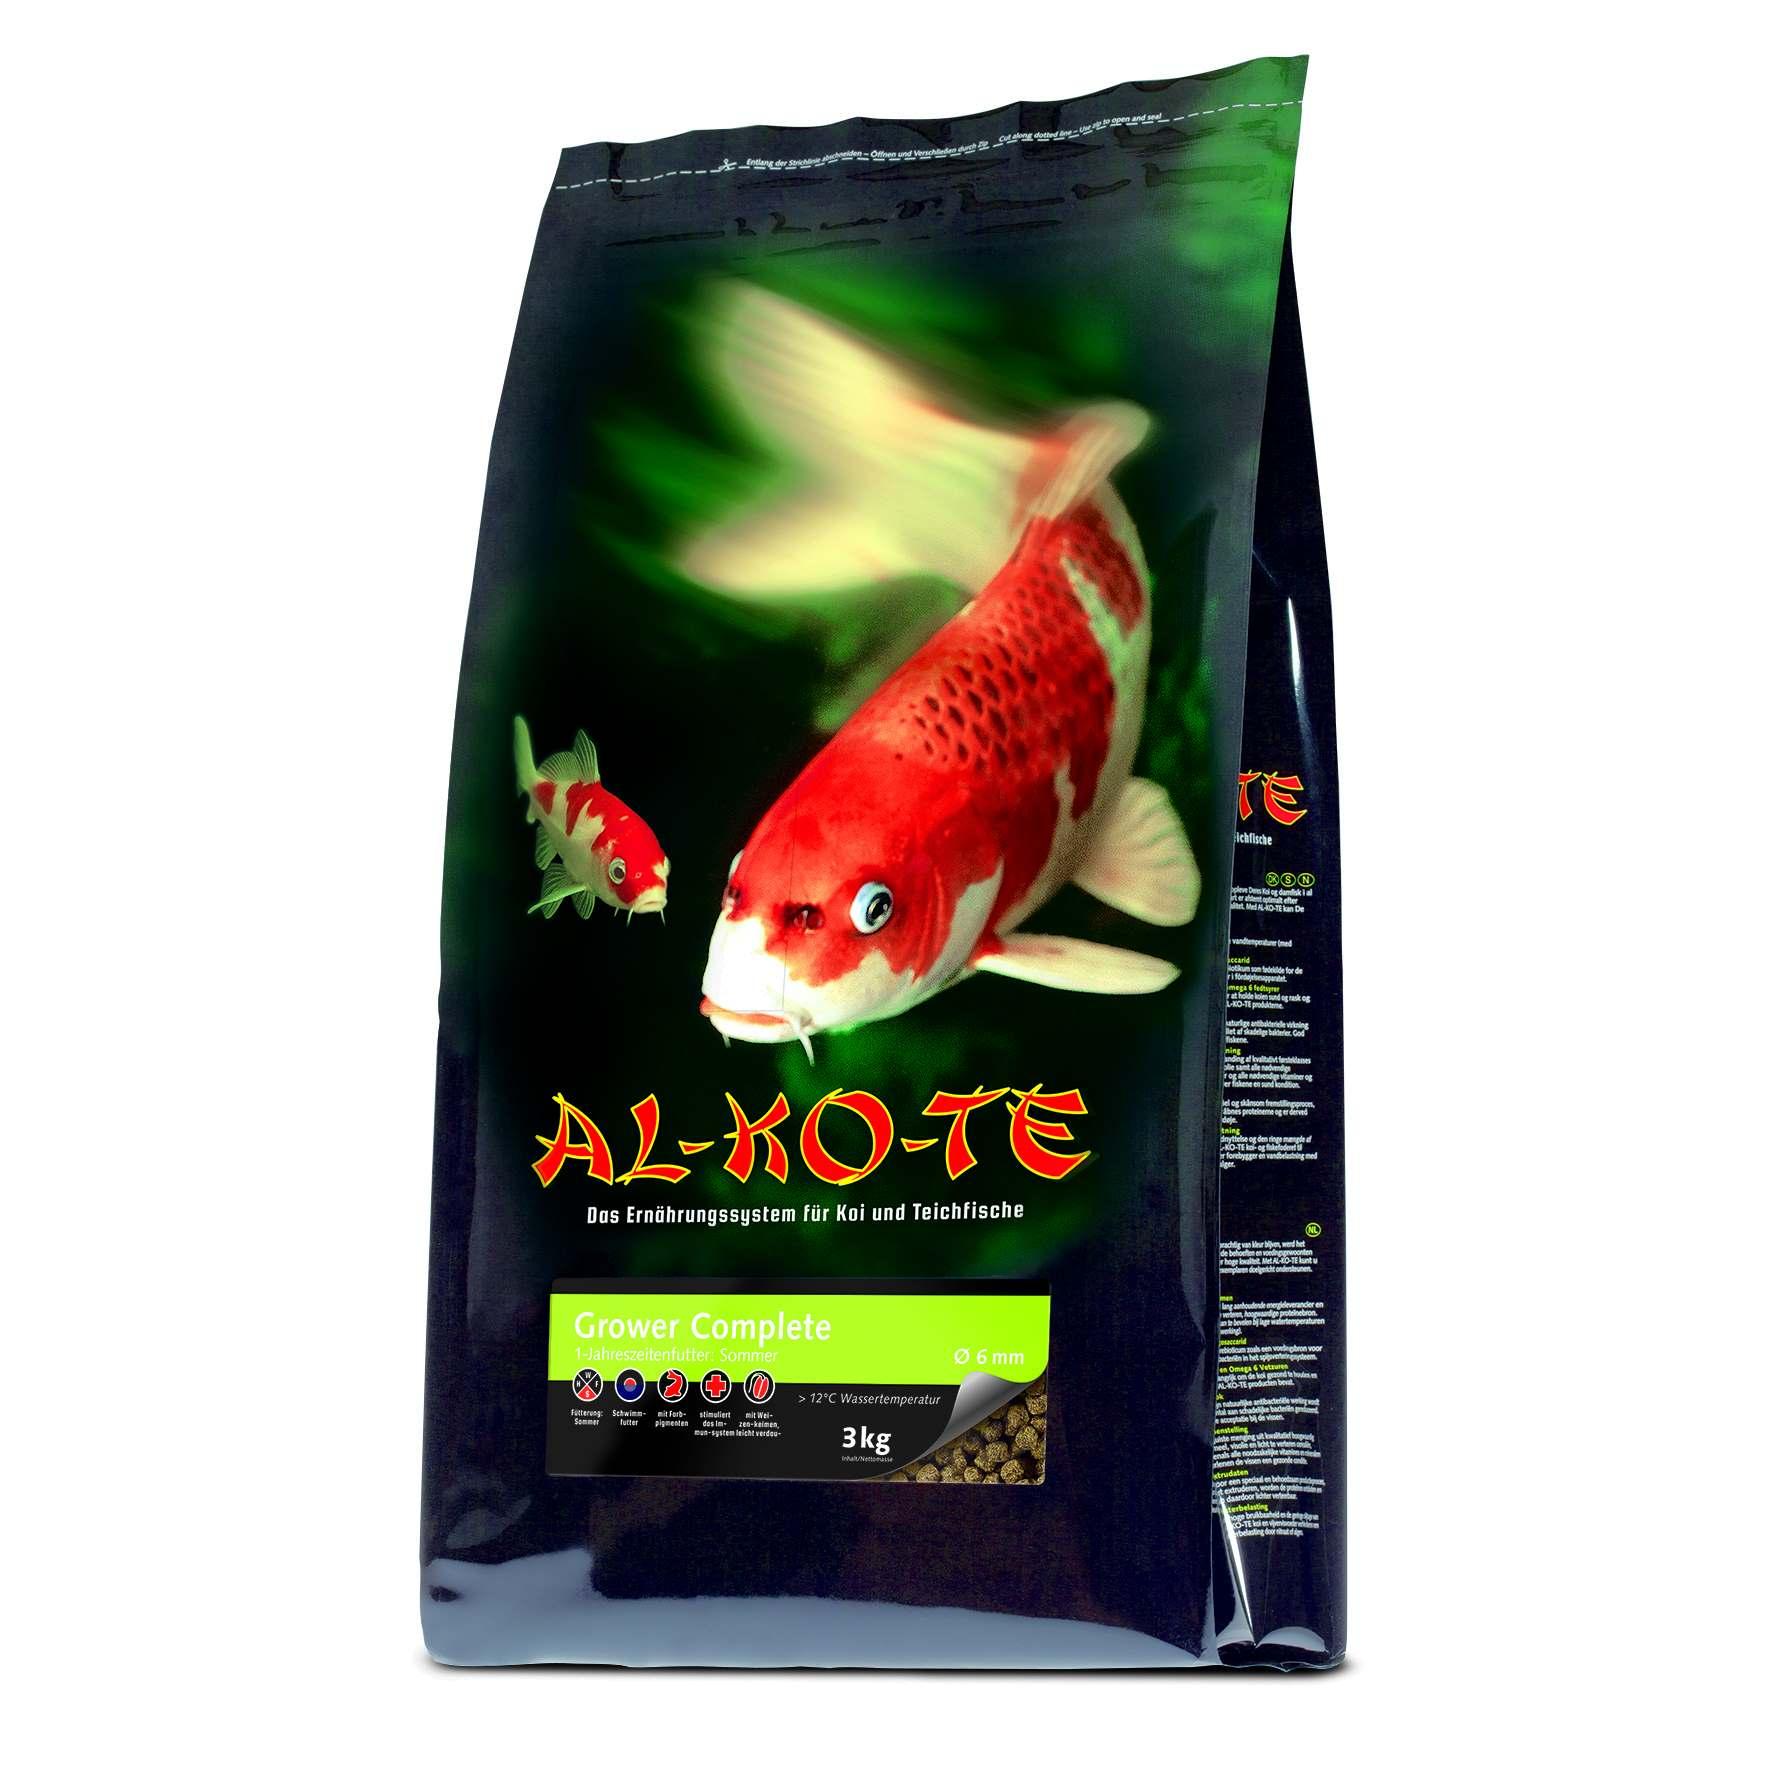 AL-KO-TE Grower Complete 3mm Pellets 3 kg